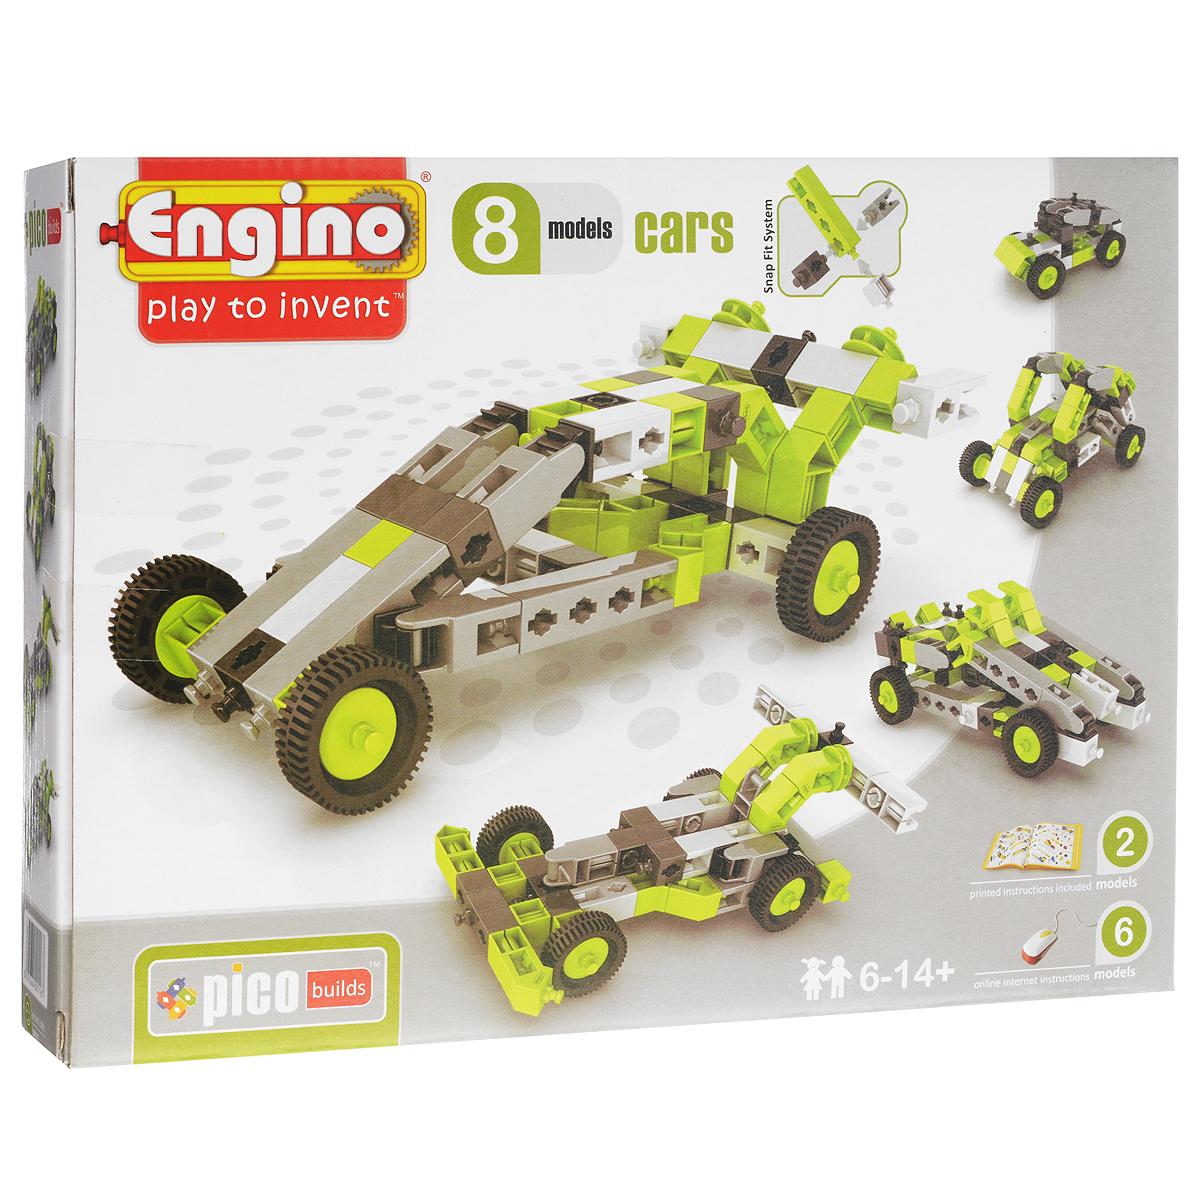 Конструктор Engino Cars, 69 элементов engino конструктор inventor приключения 170 элементов